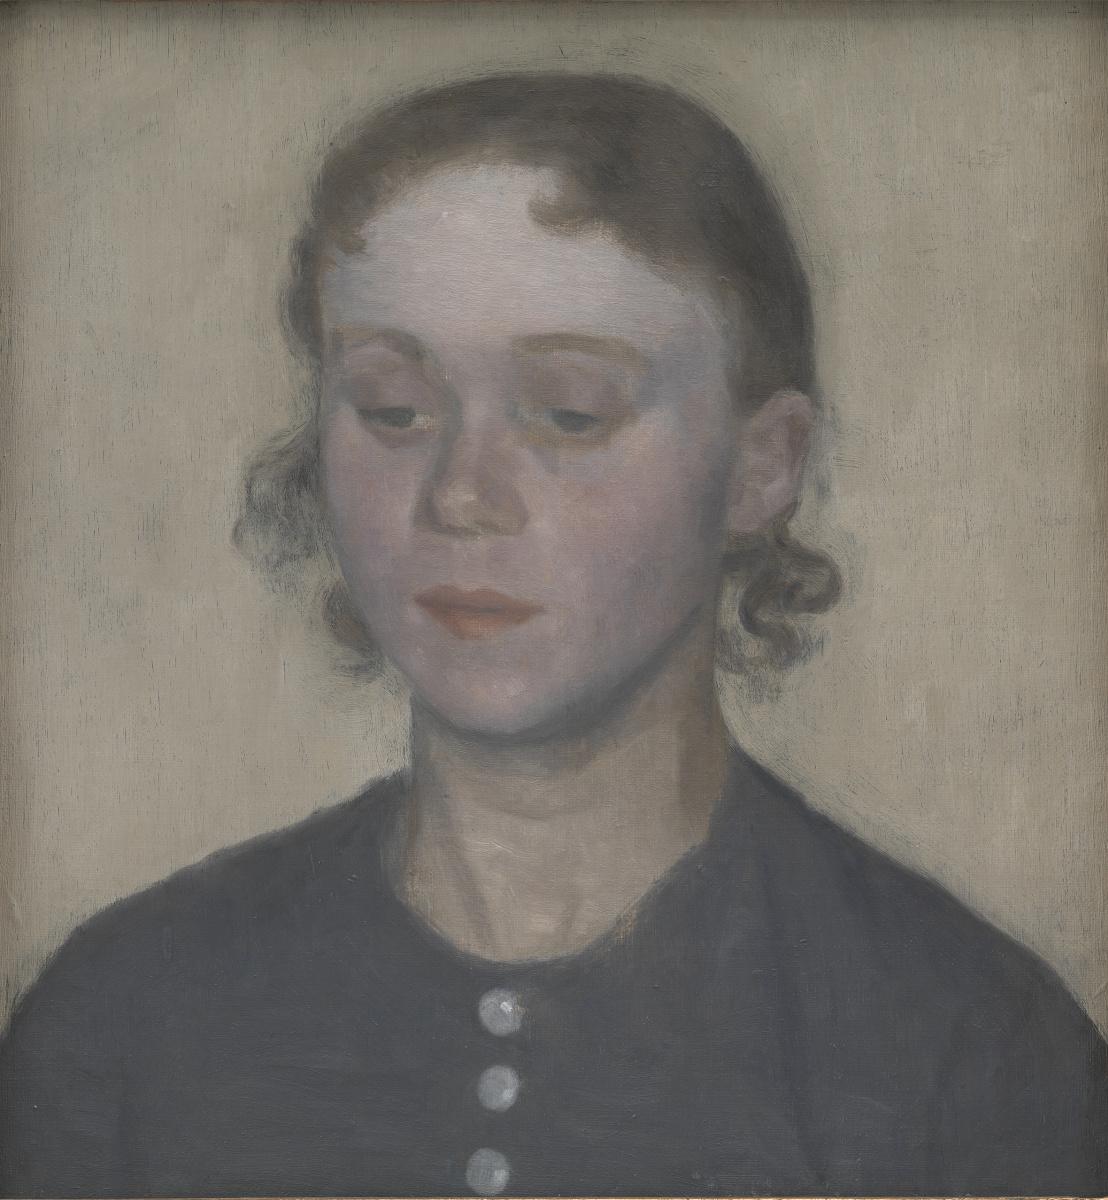 Вильгельм Хаммерсхёй. Ида Хаммерсхёй, жена художника